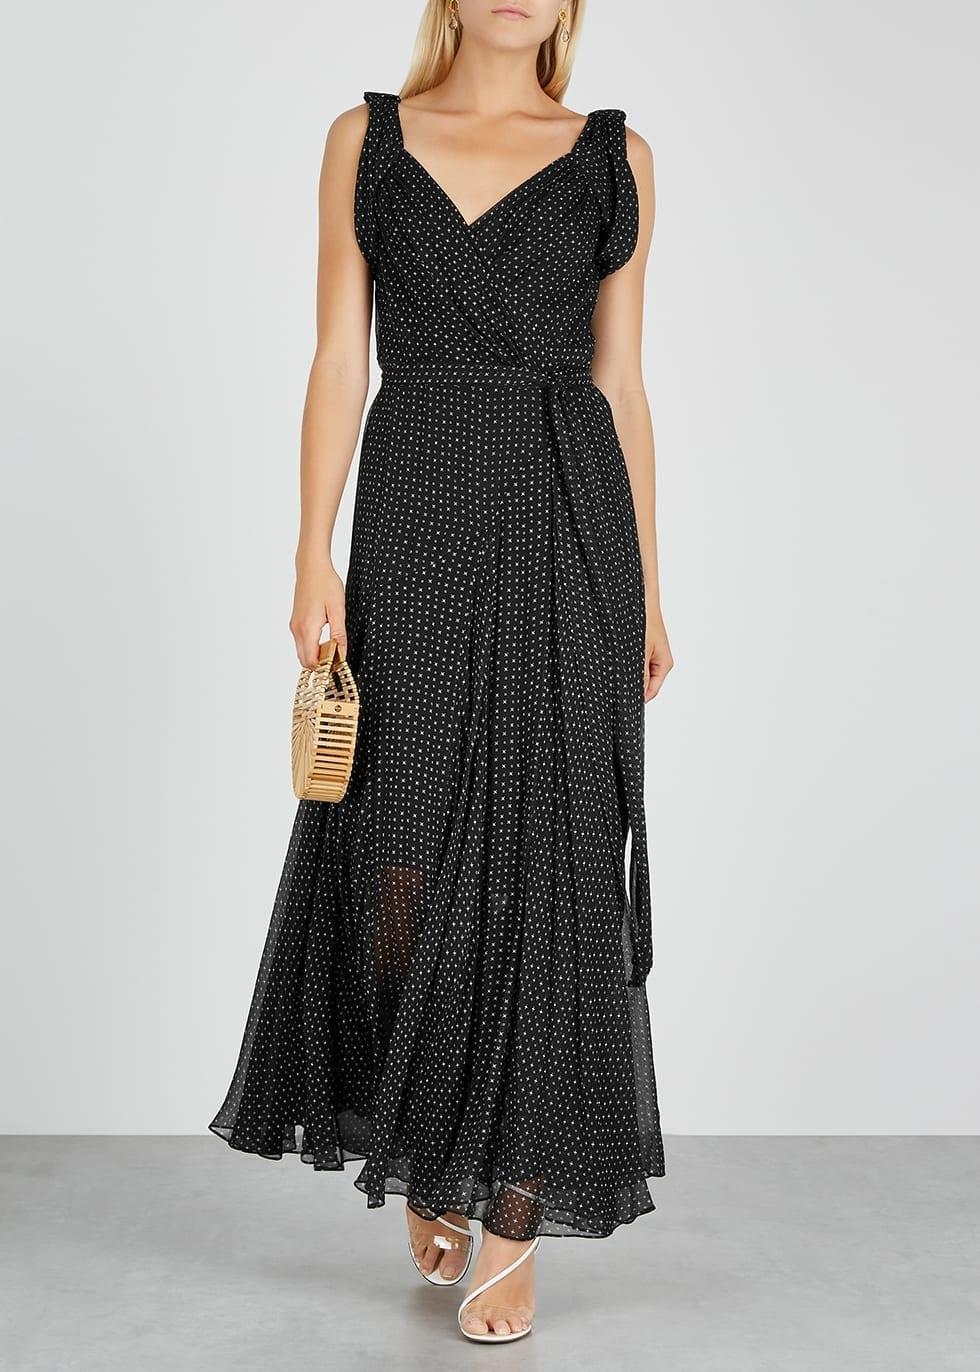 DIANE VON FURSTENBERG Belinda Black Printed Silk-chiffon Dress